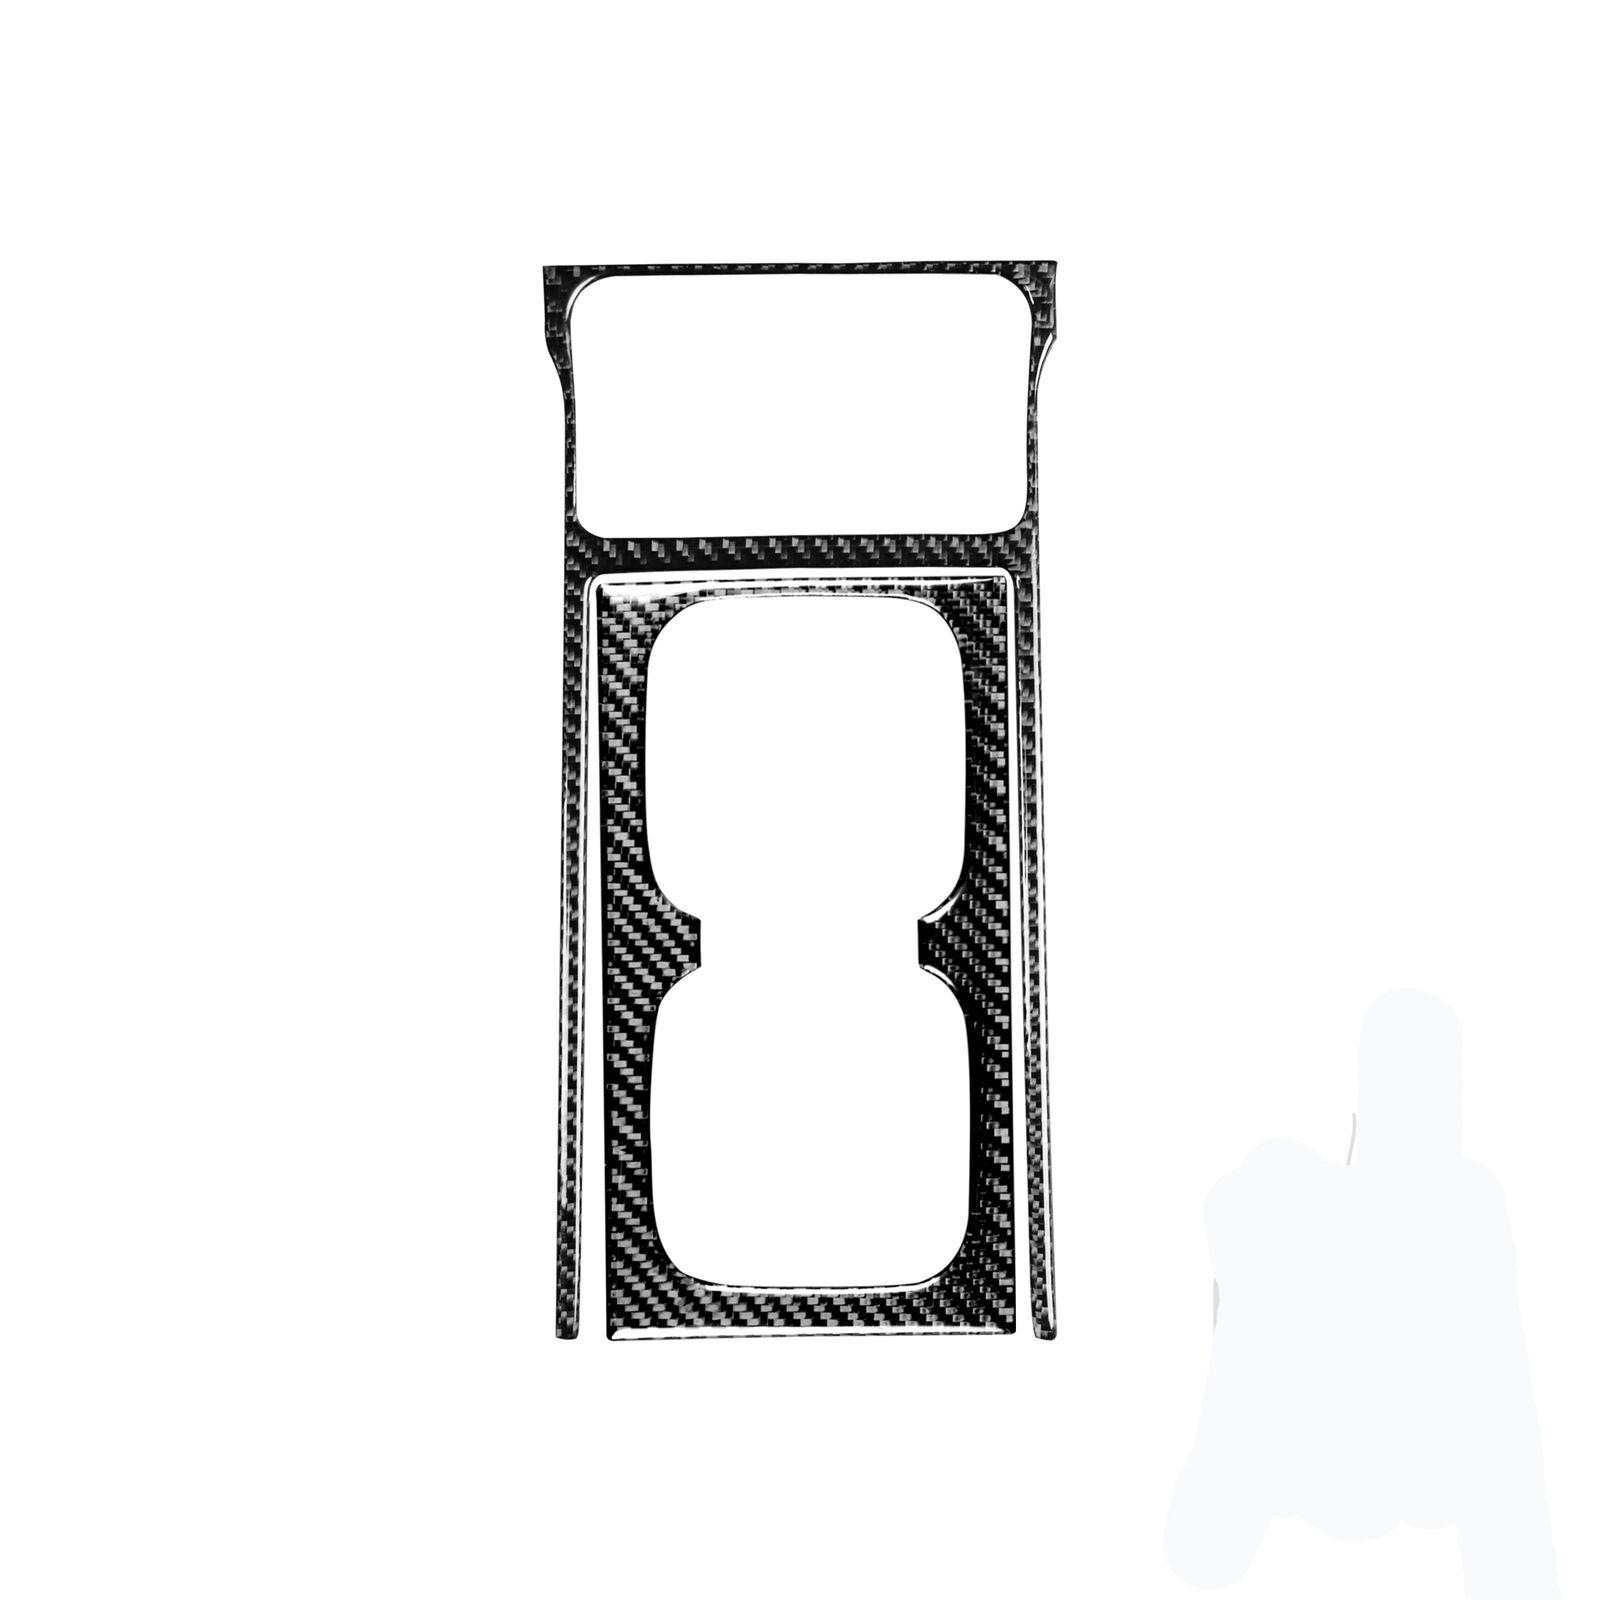 2-piece Set Carbon Fiber Watercup  Panel  Trim  Cover  Decor For 8th Generation Civic 2006-2011 Carbon black